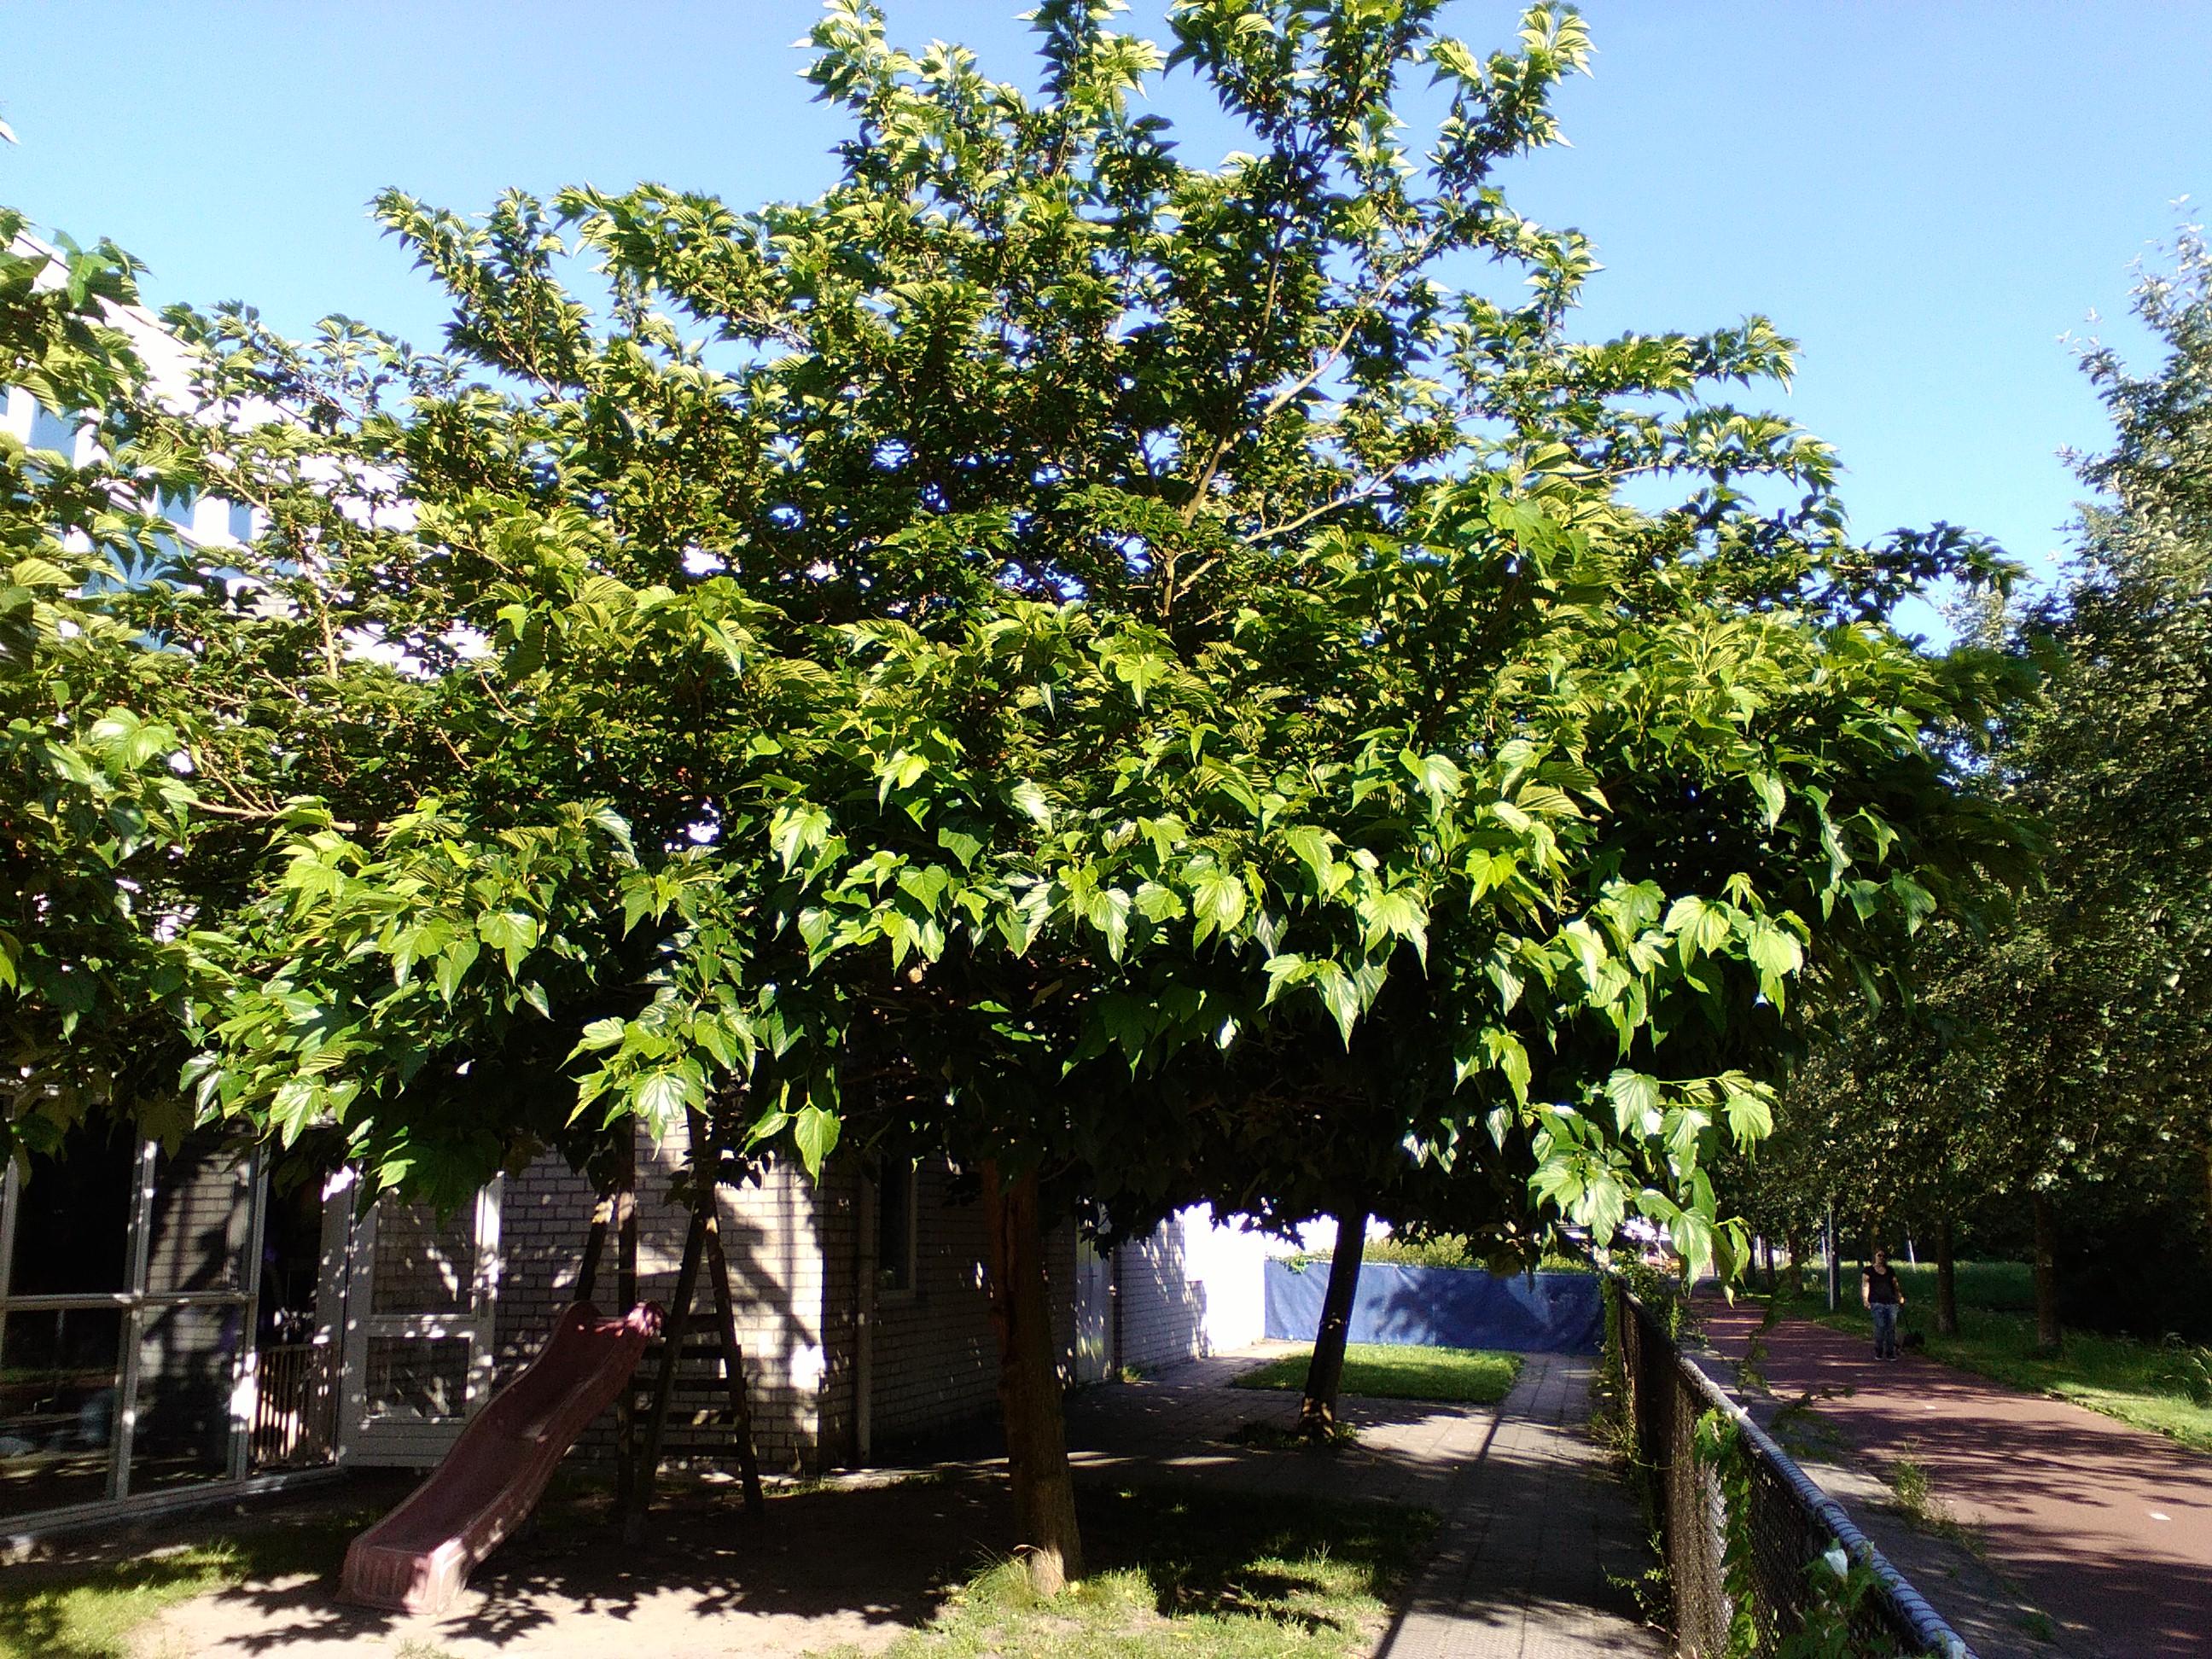 Welp Welke fruitbomen kan ik gebruiken? CV-48